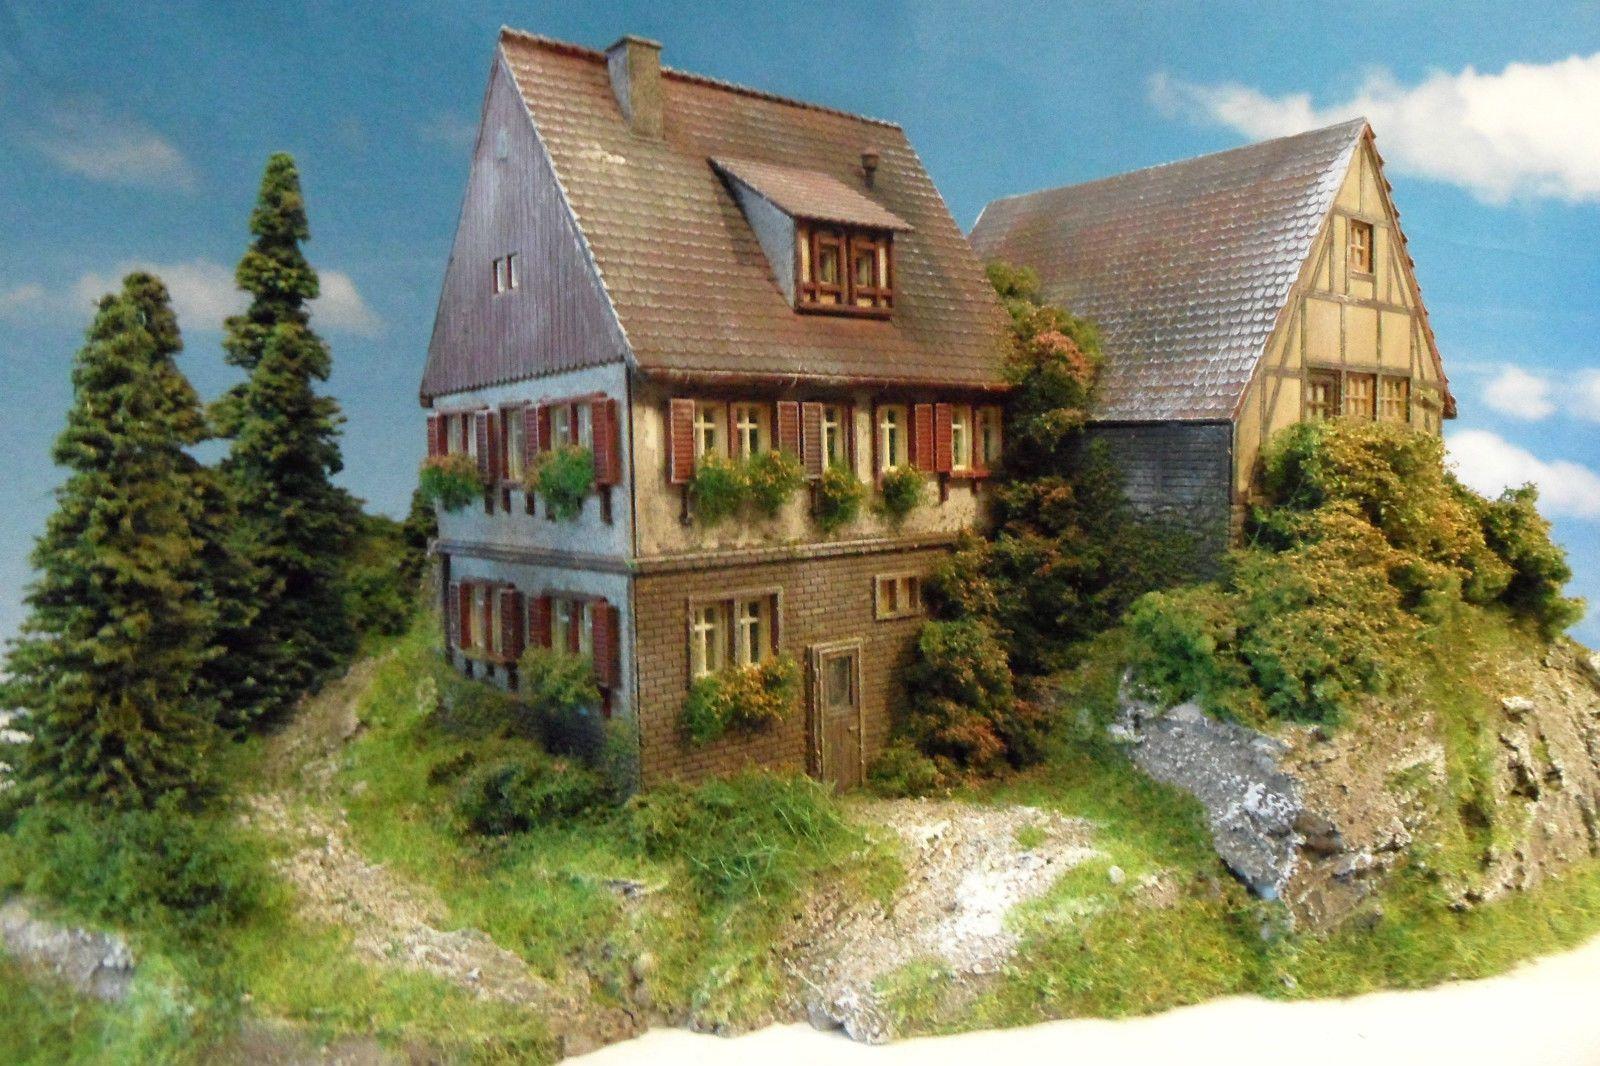 dioramenstudio potsdam landschafts diorama bauernhaus scheunenviertel ho modell ebay model. Black Bedroom Furniture Sets. Home Design Ideas